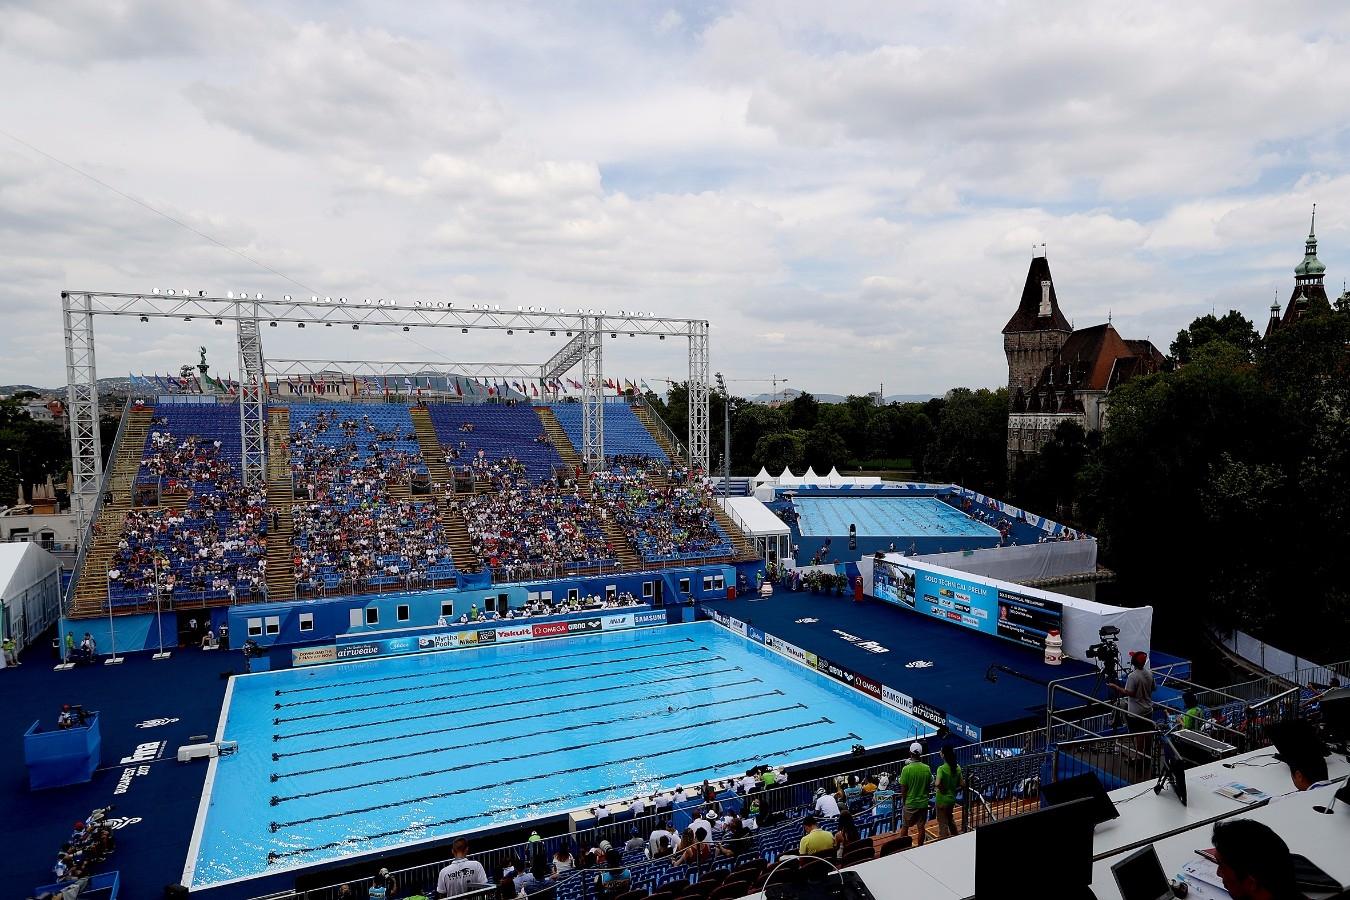 Campeonato Mundial de Desportos Aquaticos. City Park - Varosliget Lake . 14 de Julho de 2017, Hungria, Budapeste. Foto: Satiro Sodré/SSPress/CBDA